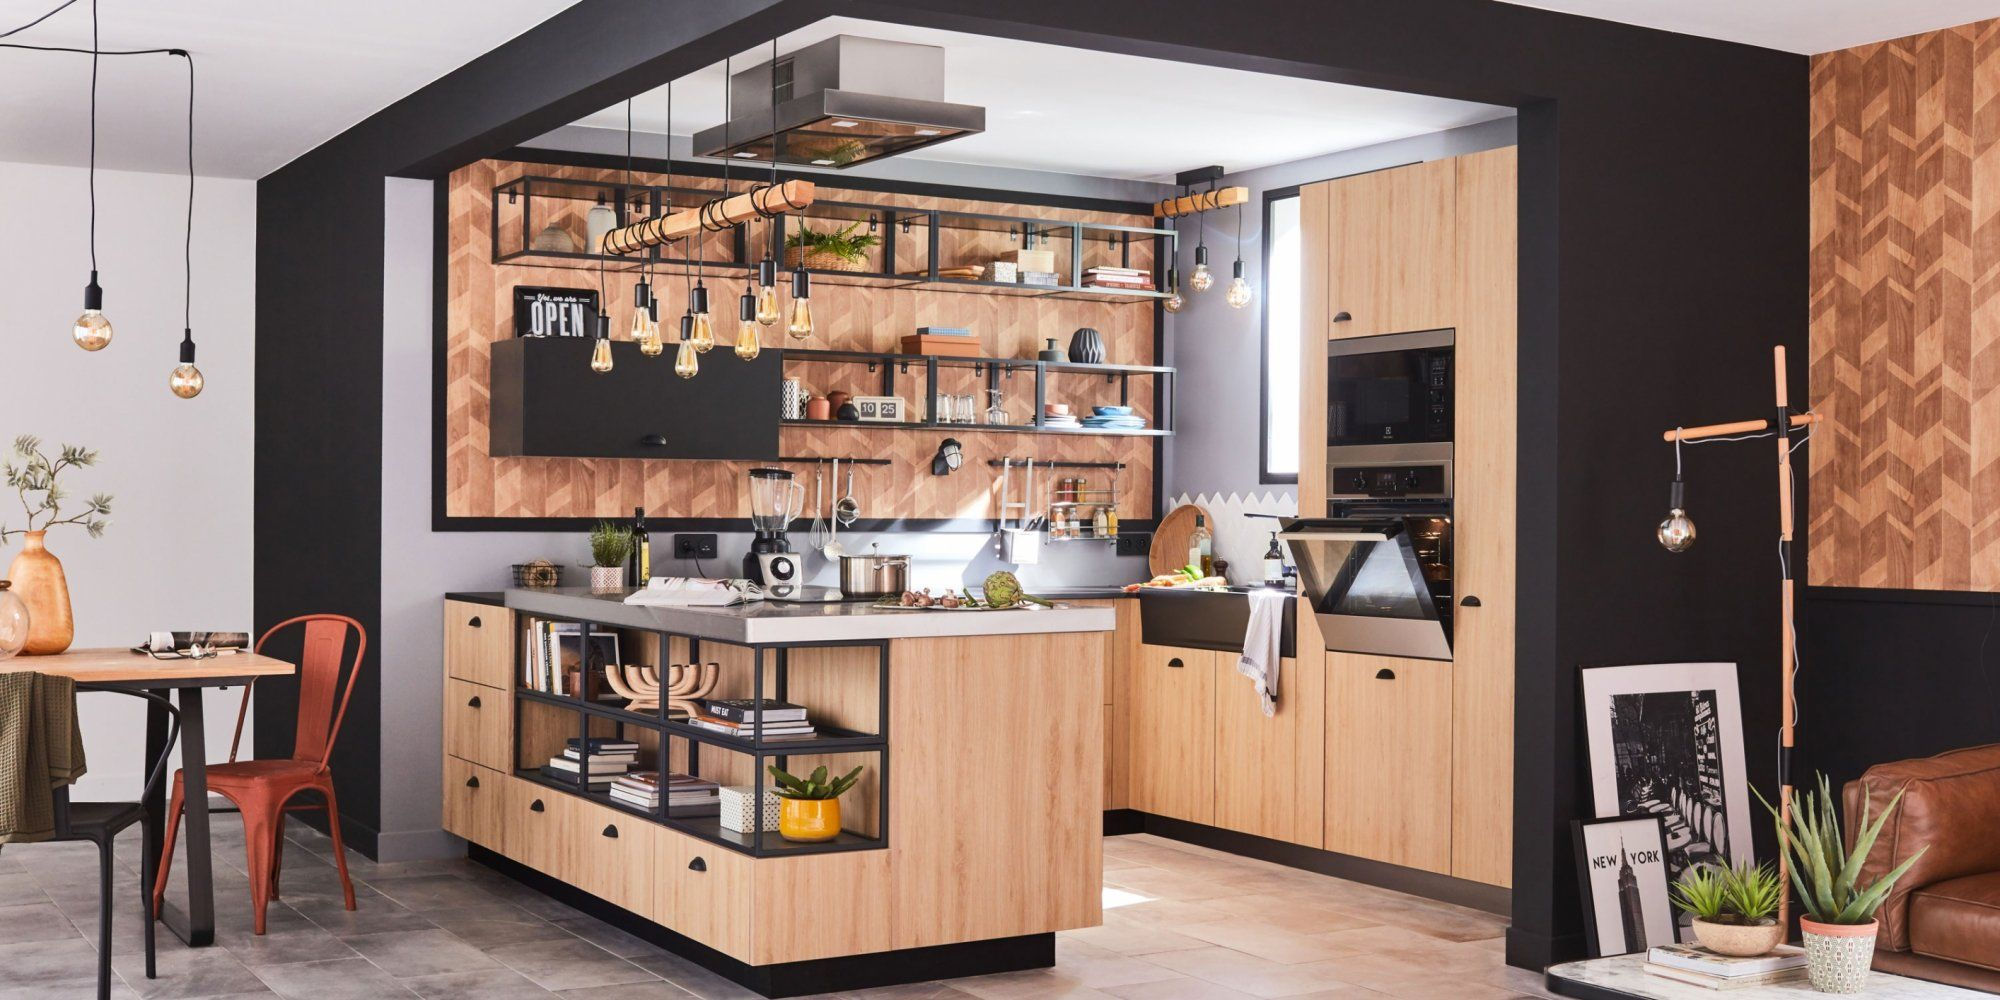 pleins feux sur les nouvelles cuisines leroy merlin. Black Bedroom Furniture Sets. Home Design Ideas